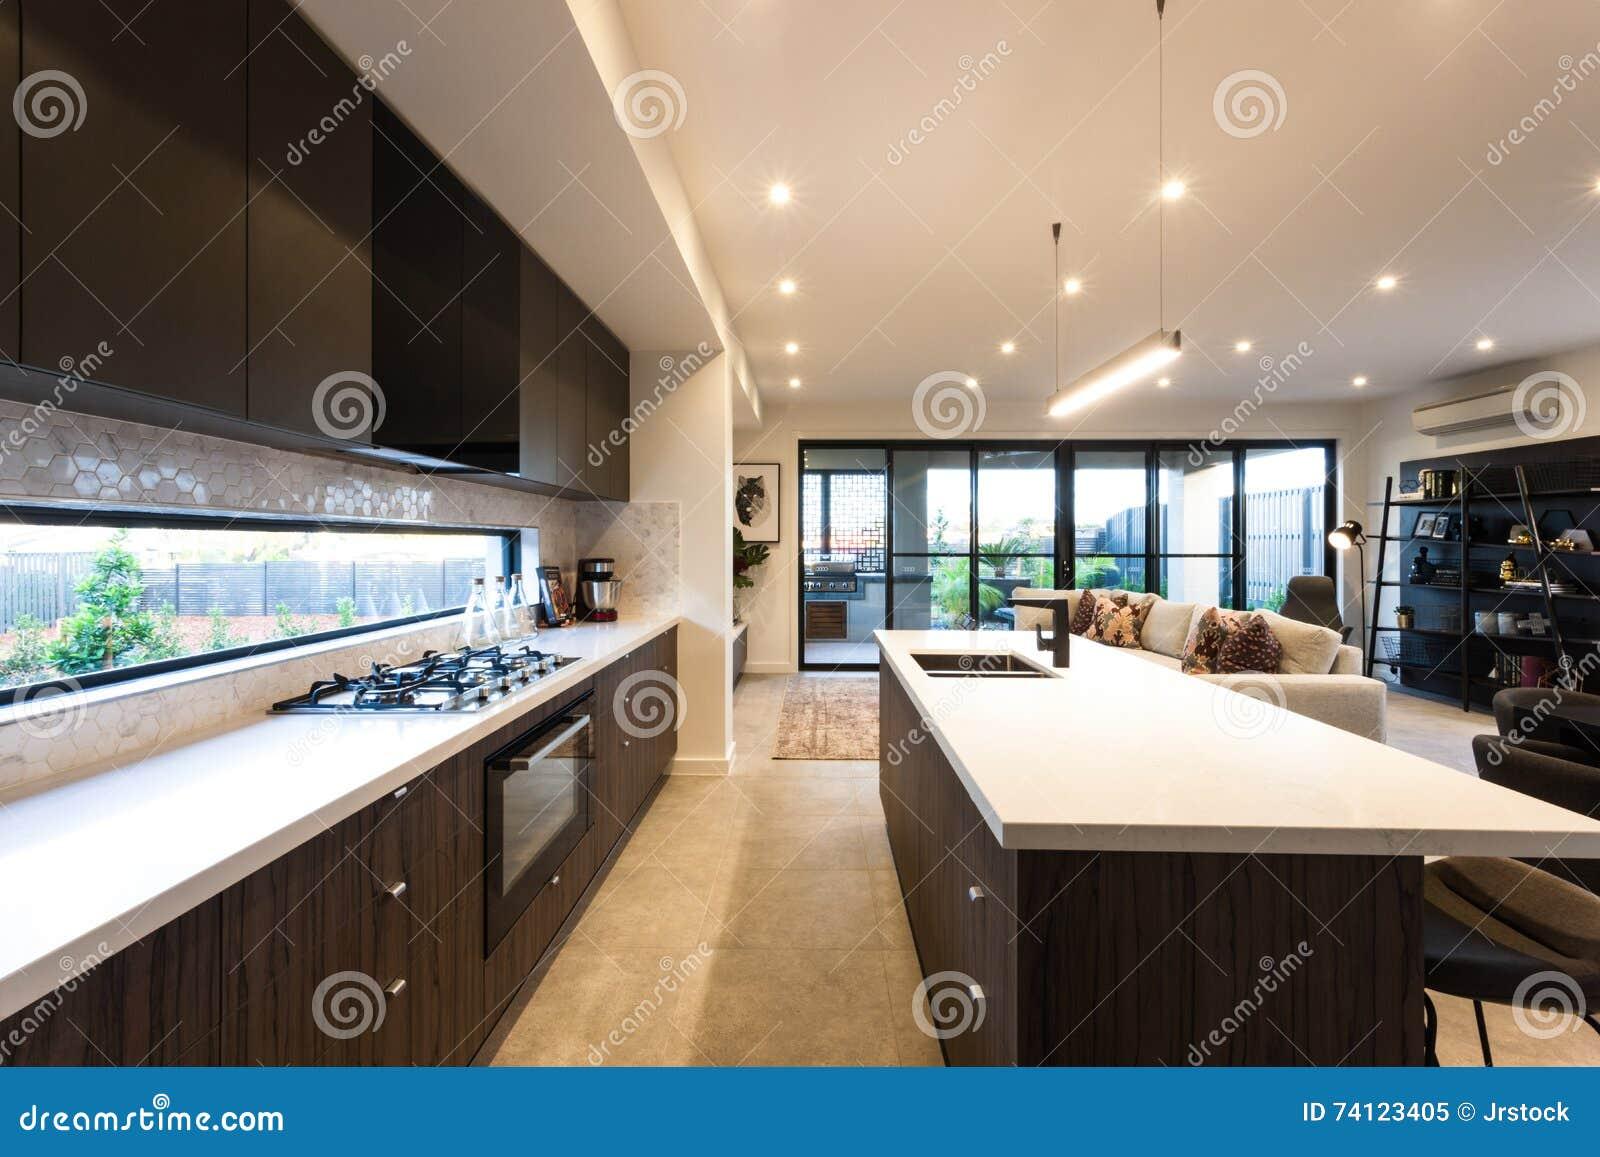 Plafoniere Per Cucine Moderne : Cucina moderna illuminata con le plafoniere a tempo di giorno